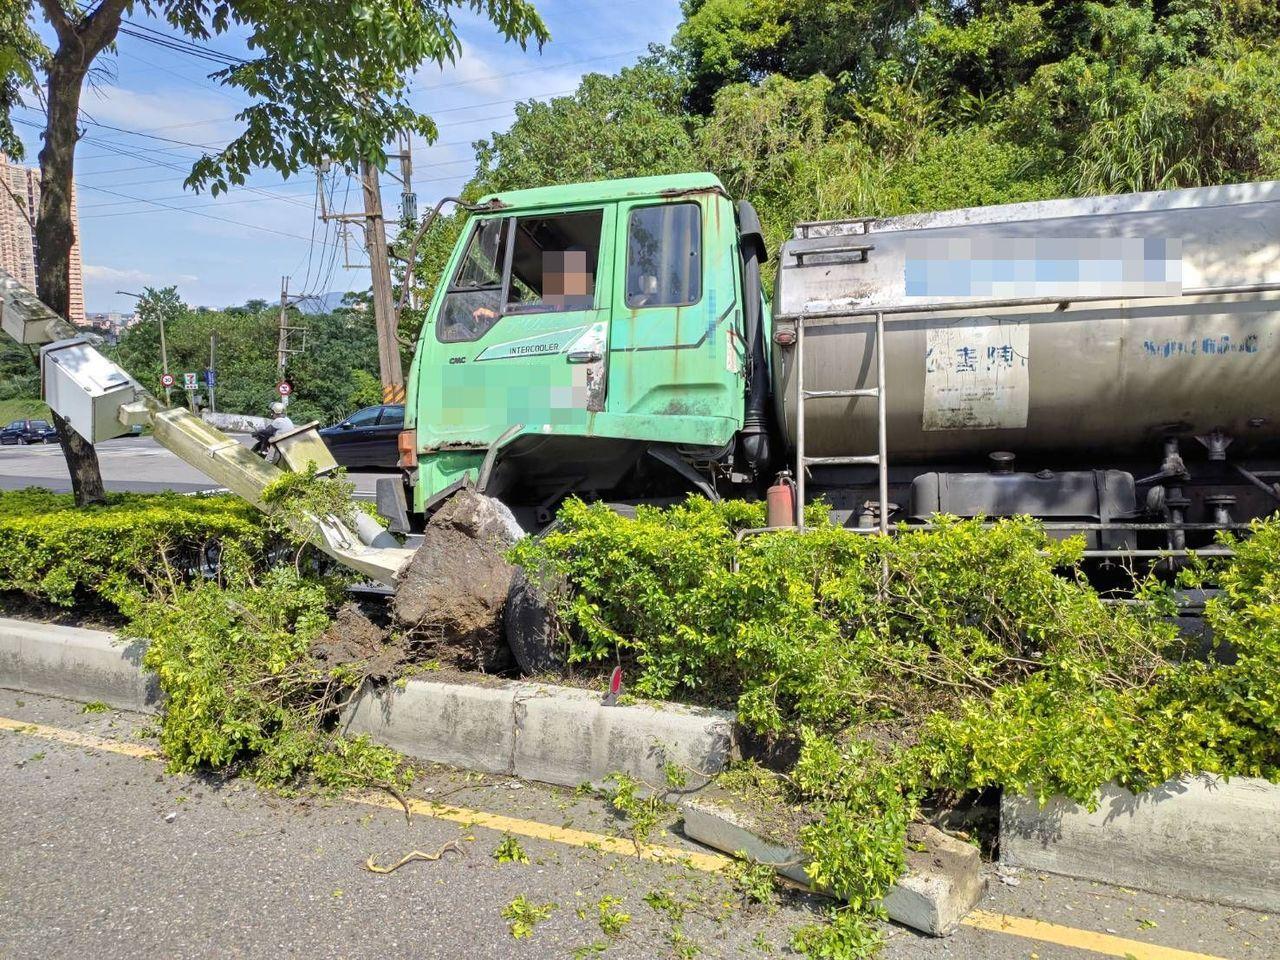 大貨車摩擦造成分隔島損毀,並撞倒一根測速照相器的監視杆。記者柯毓庭/翻攝